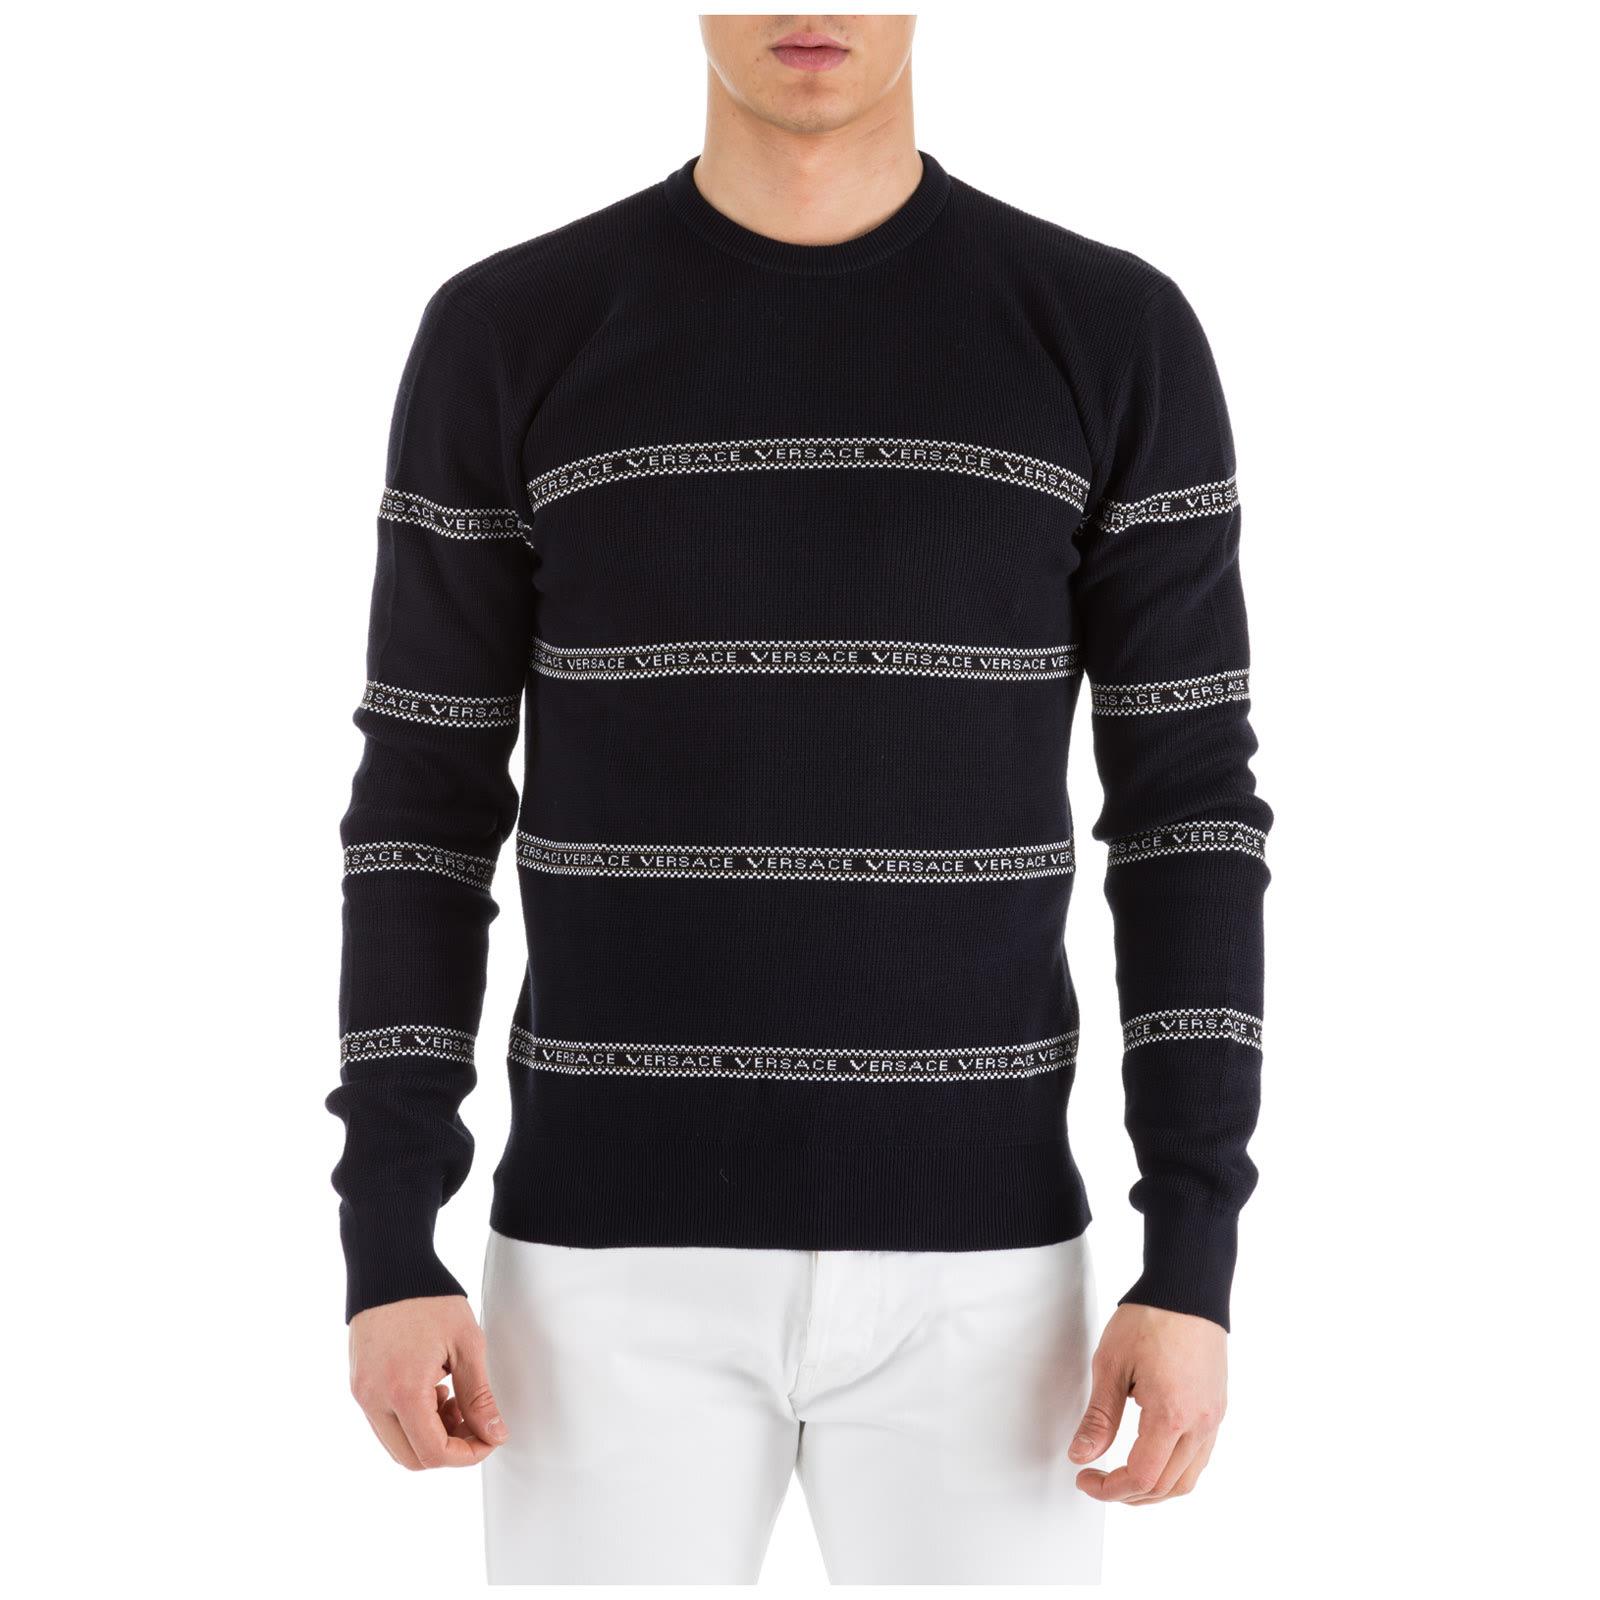 2019 heißer verkauf bieten Rabatte außergewöhnliche Farbpalette Versace Crew Neck Neckline Jumper Sweater Pullover Slim